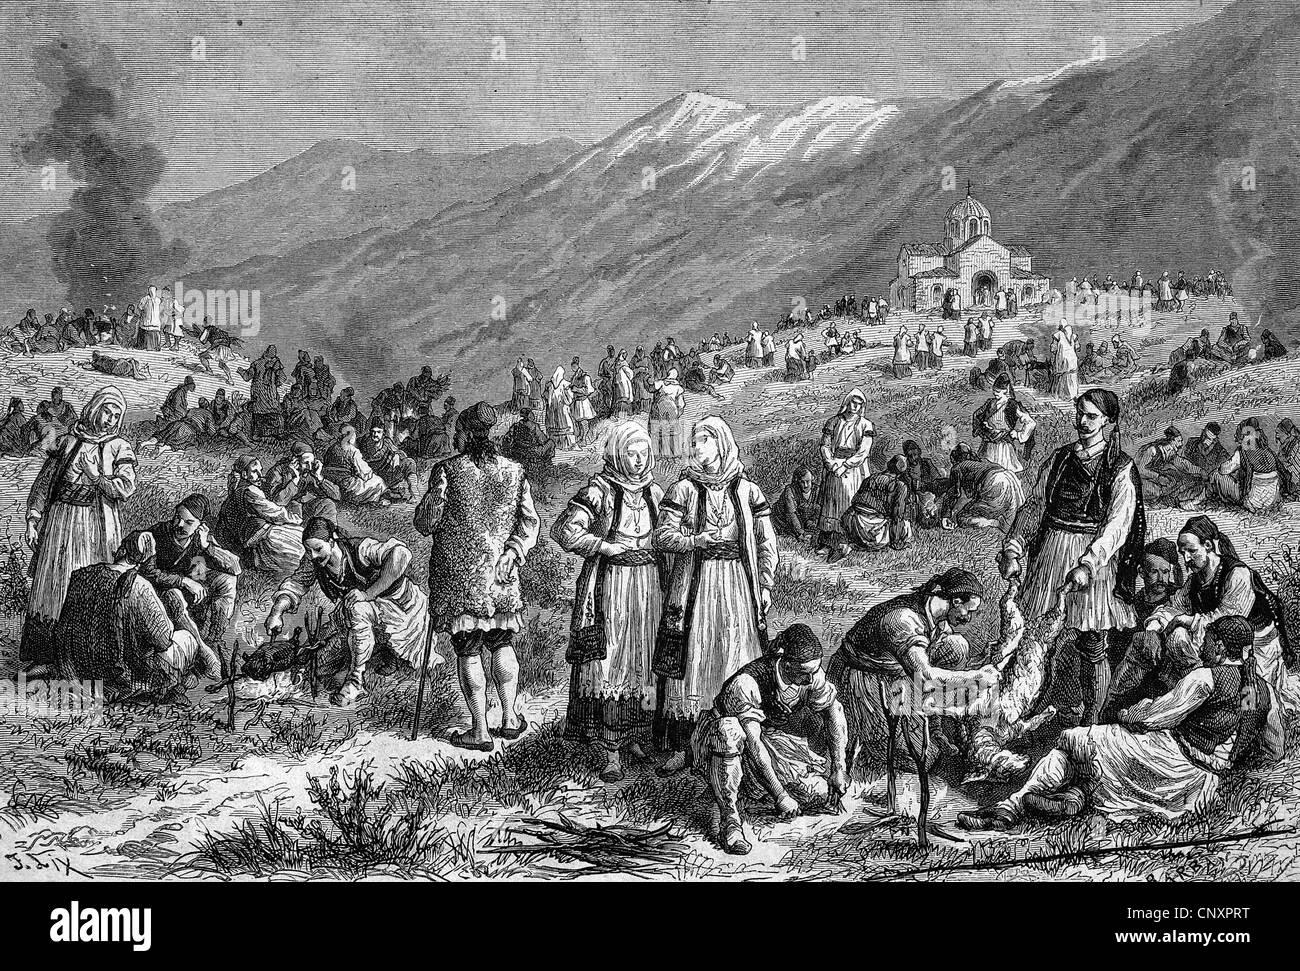 Festival alla fine del periodo di digiuno a Tebe, Egitto, storica incisione di 1883 Immagini Stock